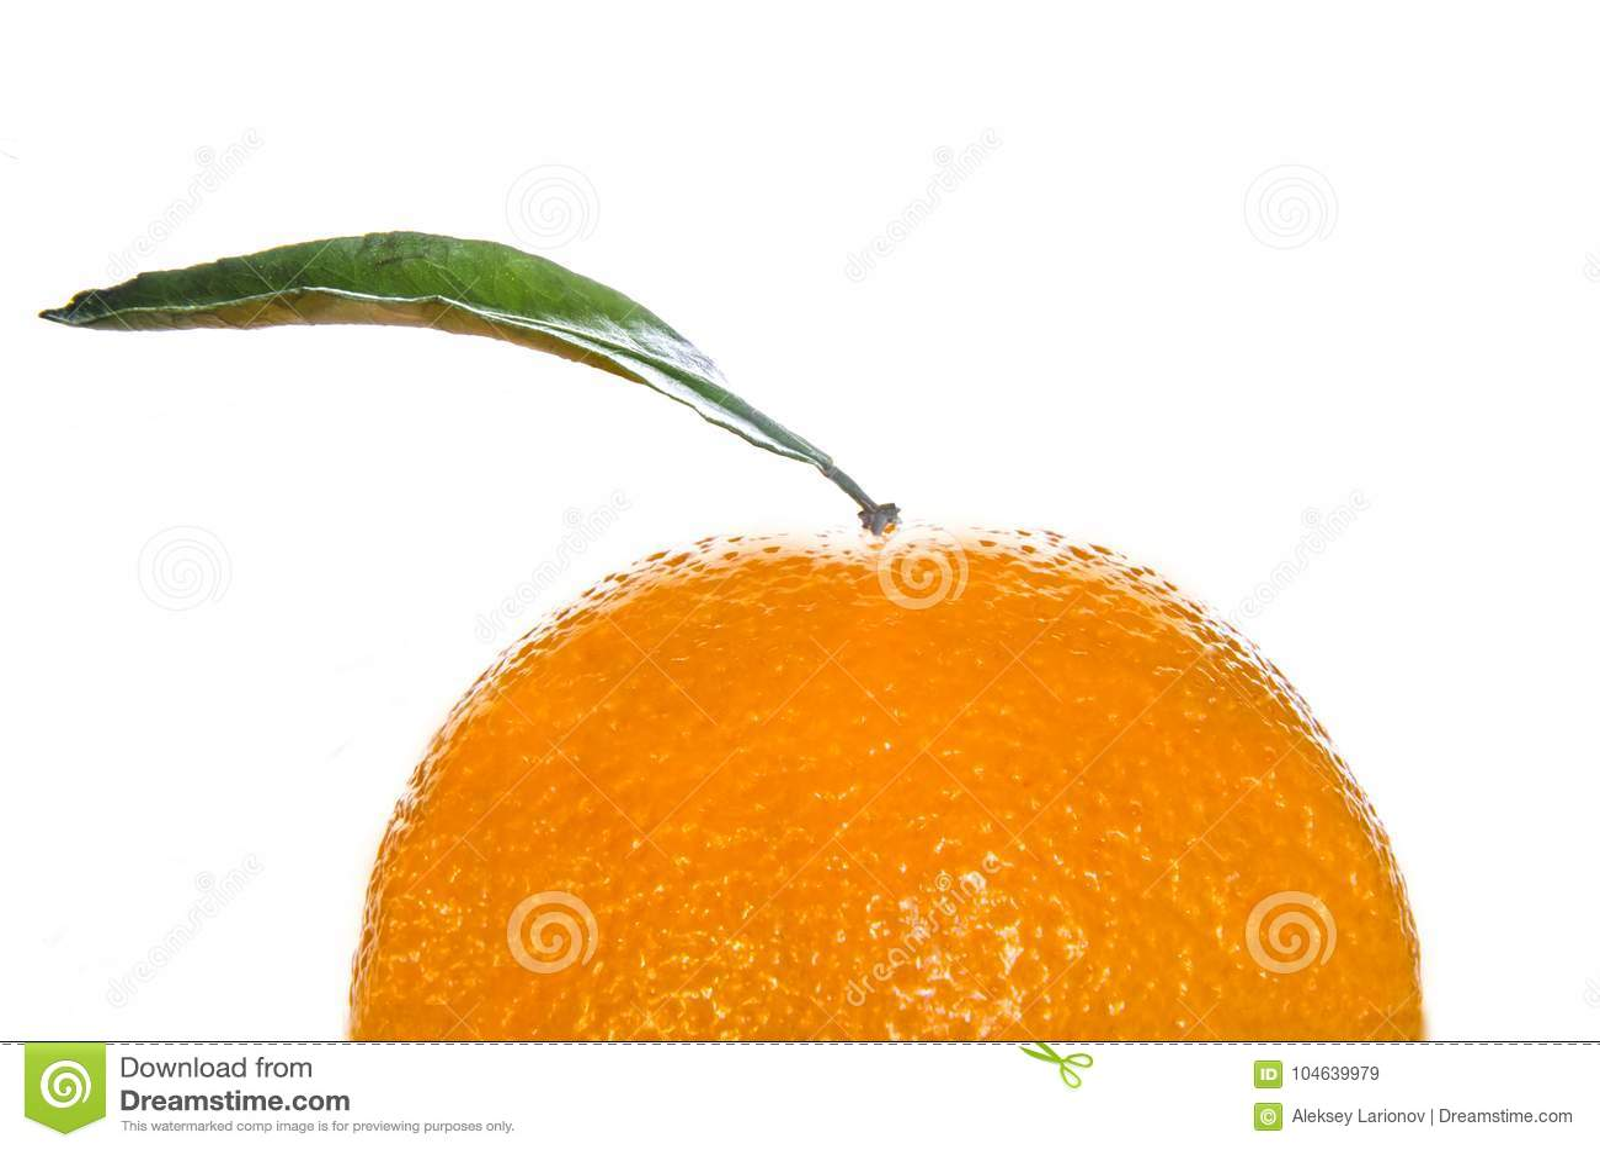 Download Een Deel Van Een Sinaasappel Met Een Blad Stock Afbeelding - Afbeelding bestaande uit mandarijn, blad: 104639979